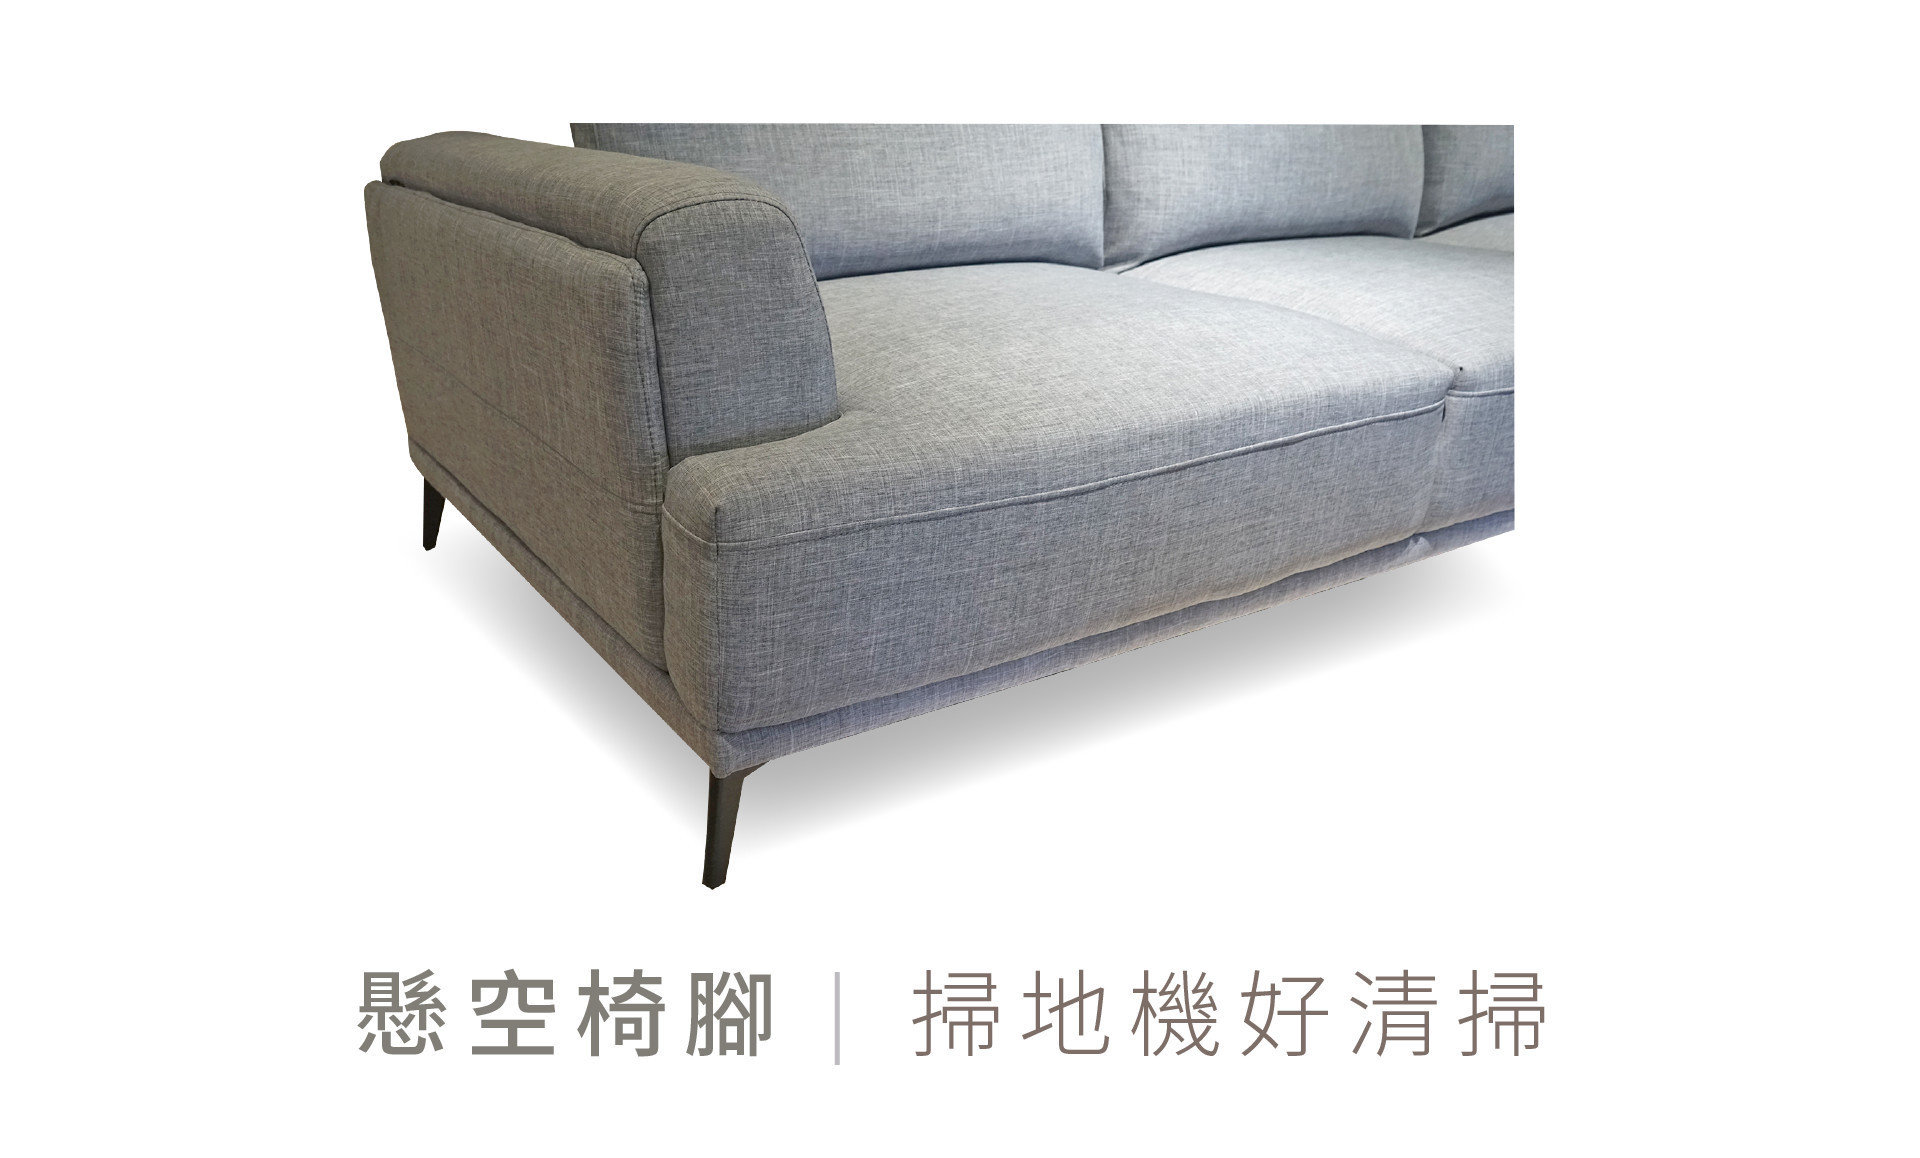 【丹尼爾沙發】懸空椅腳,不只是有視覺輕盈感,也是媽媽們的最愛,掃地機可過、清潔免煩惱!